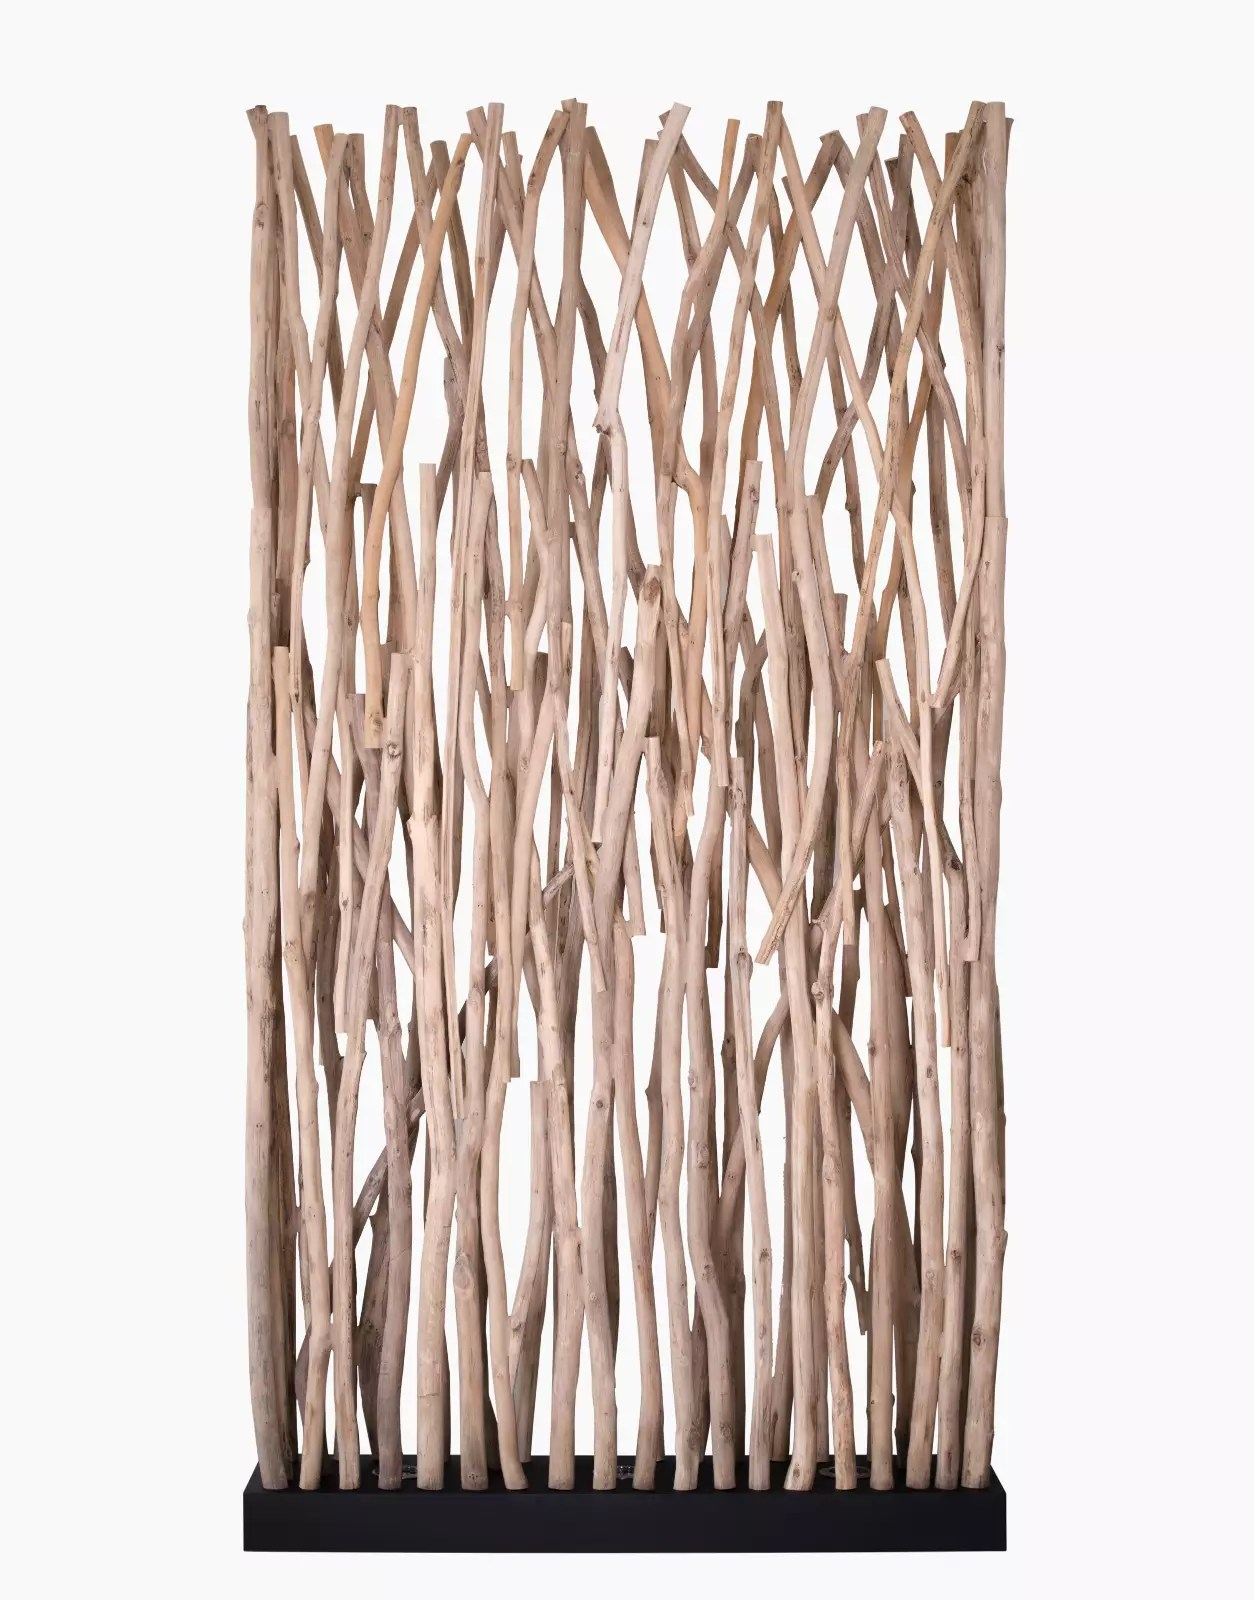 Lampadaire Séparateur Lmp Ferret En Bois Flotté Mobilier Design Luminaire Design Et Décoration Pour Vos Intérieurs